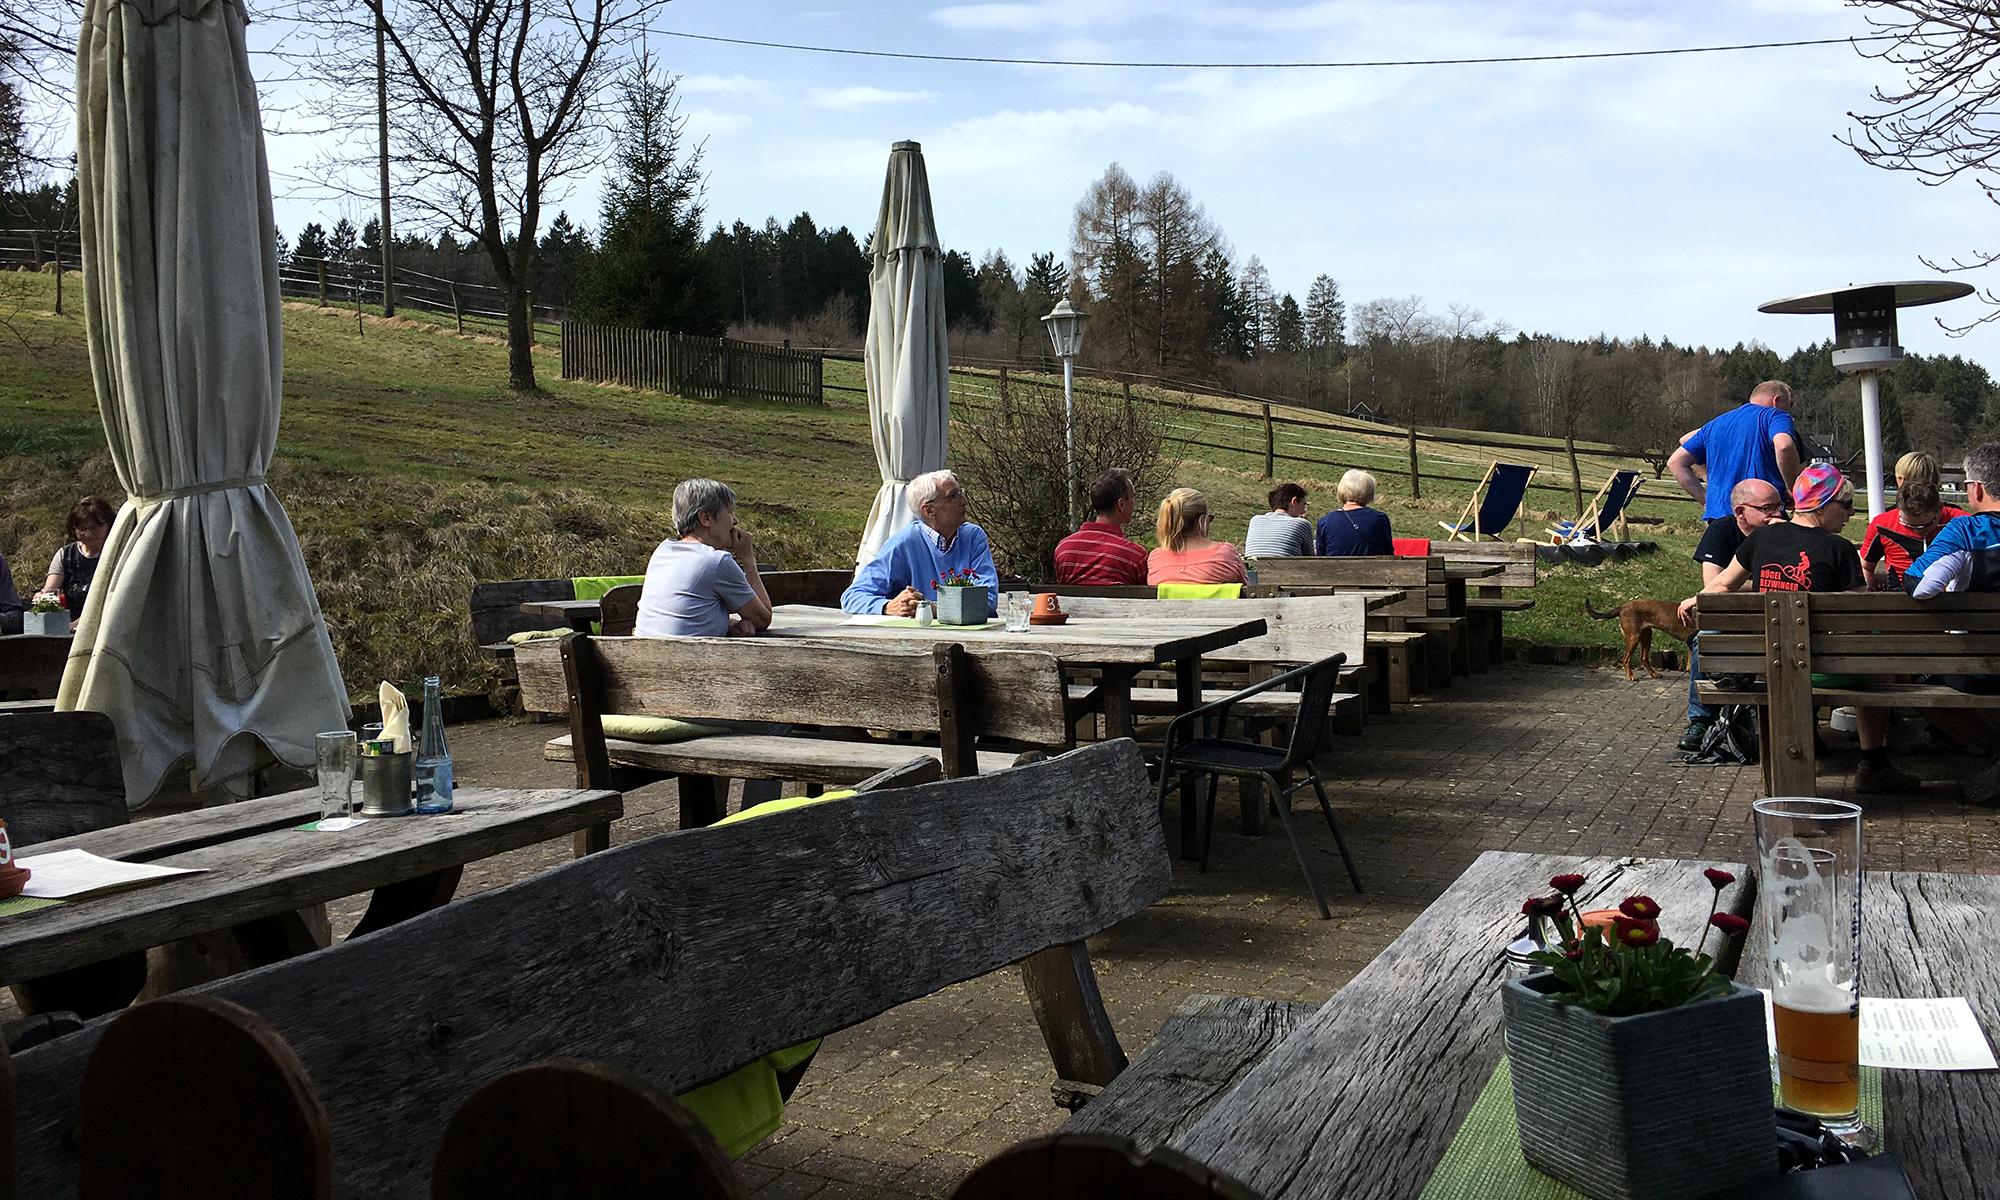 Biergarten Landgasthaus am Tackeberg